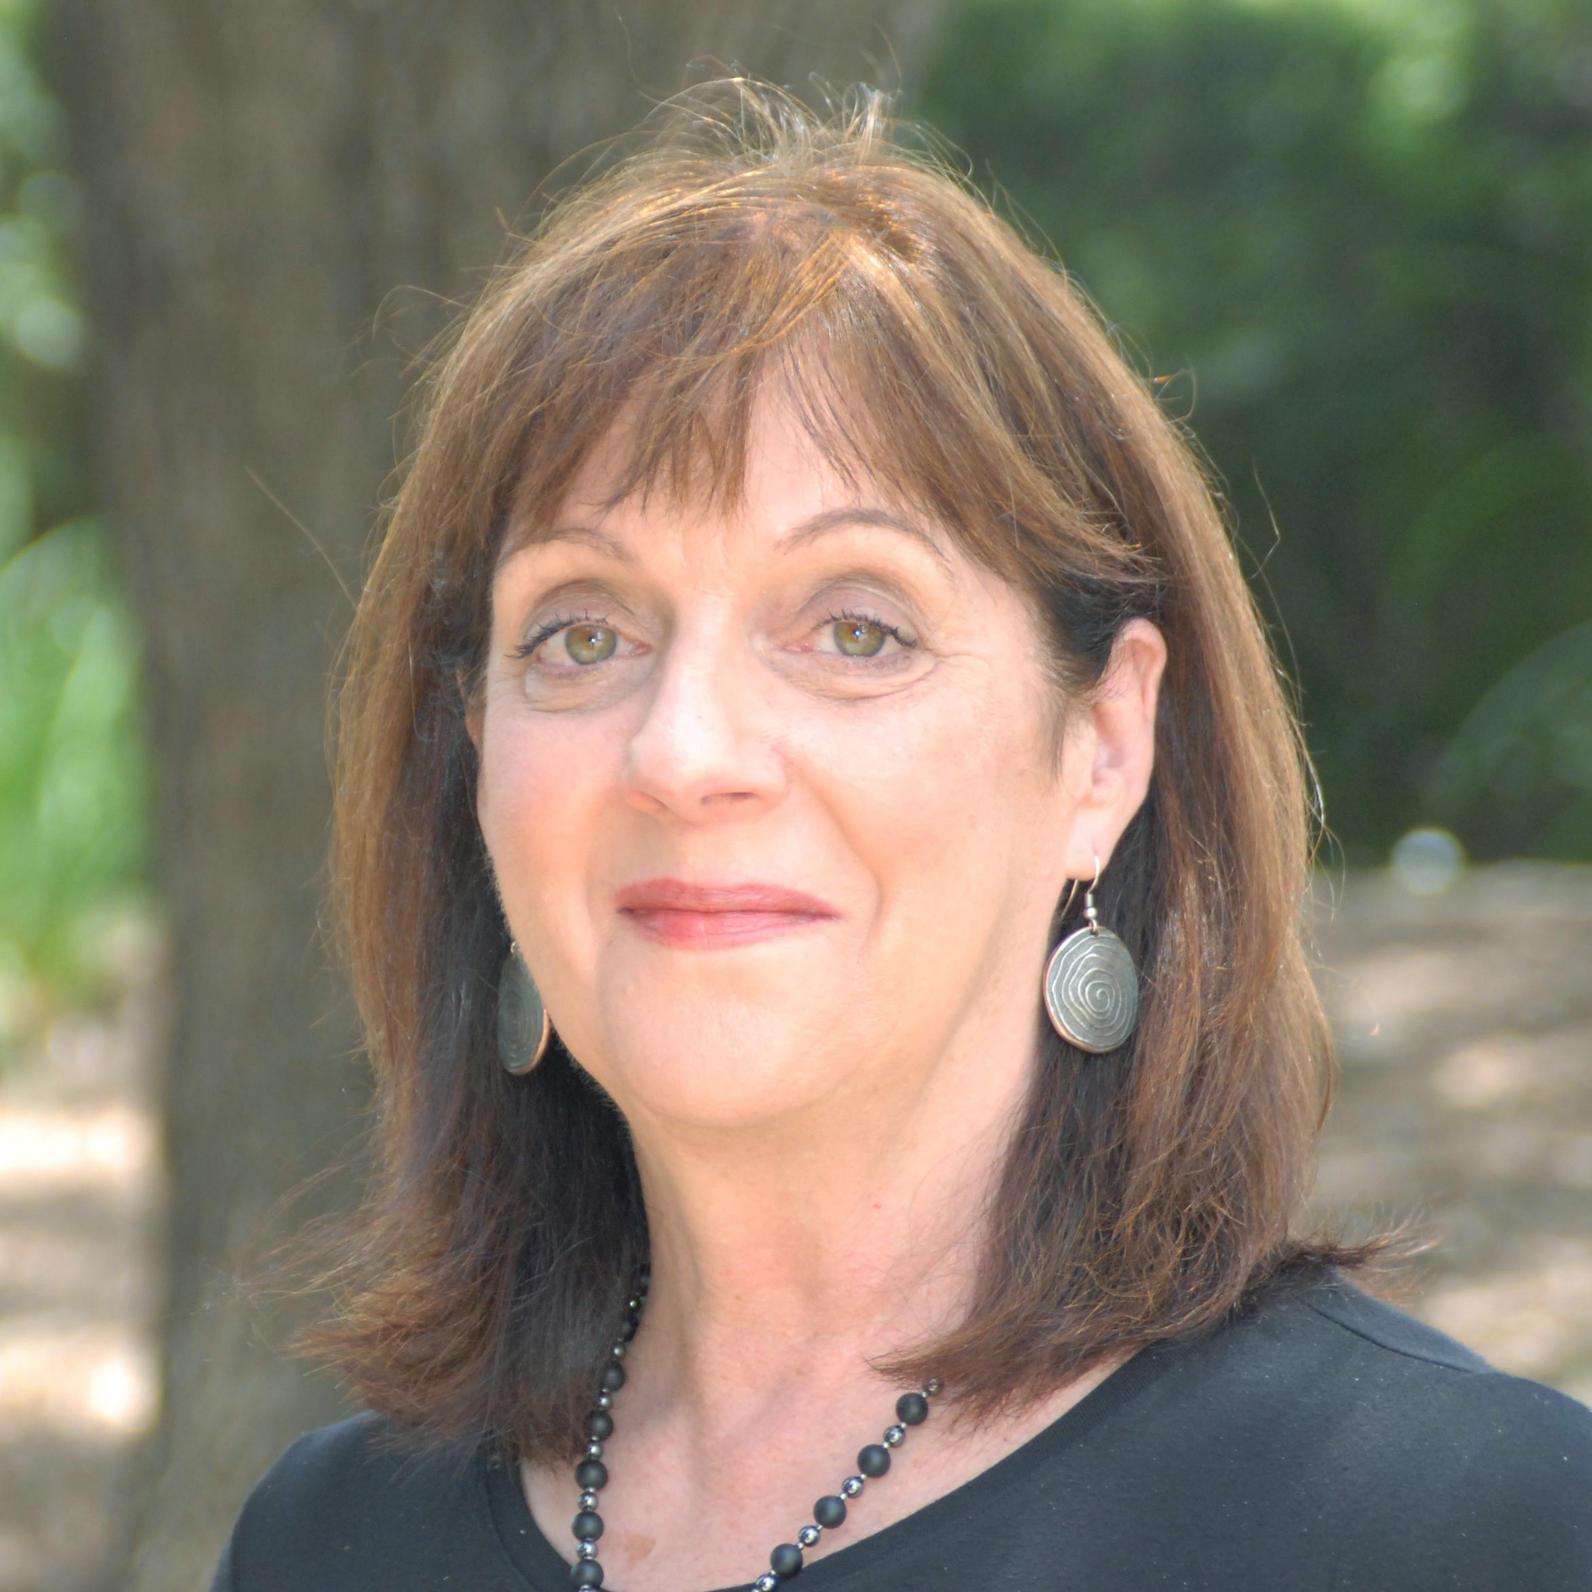 Susan Kaderka